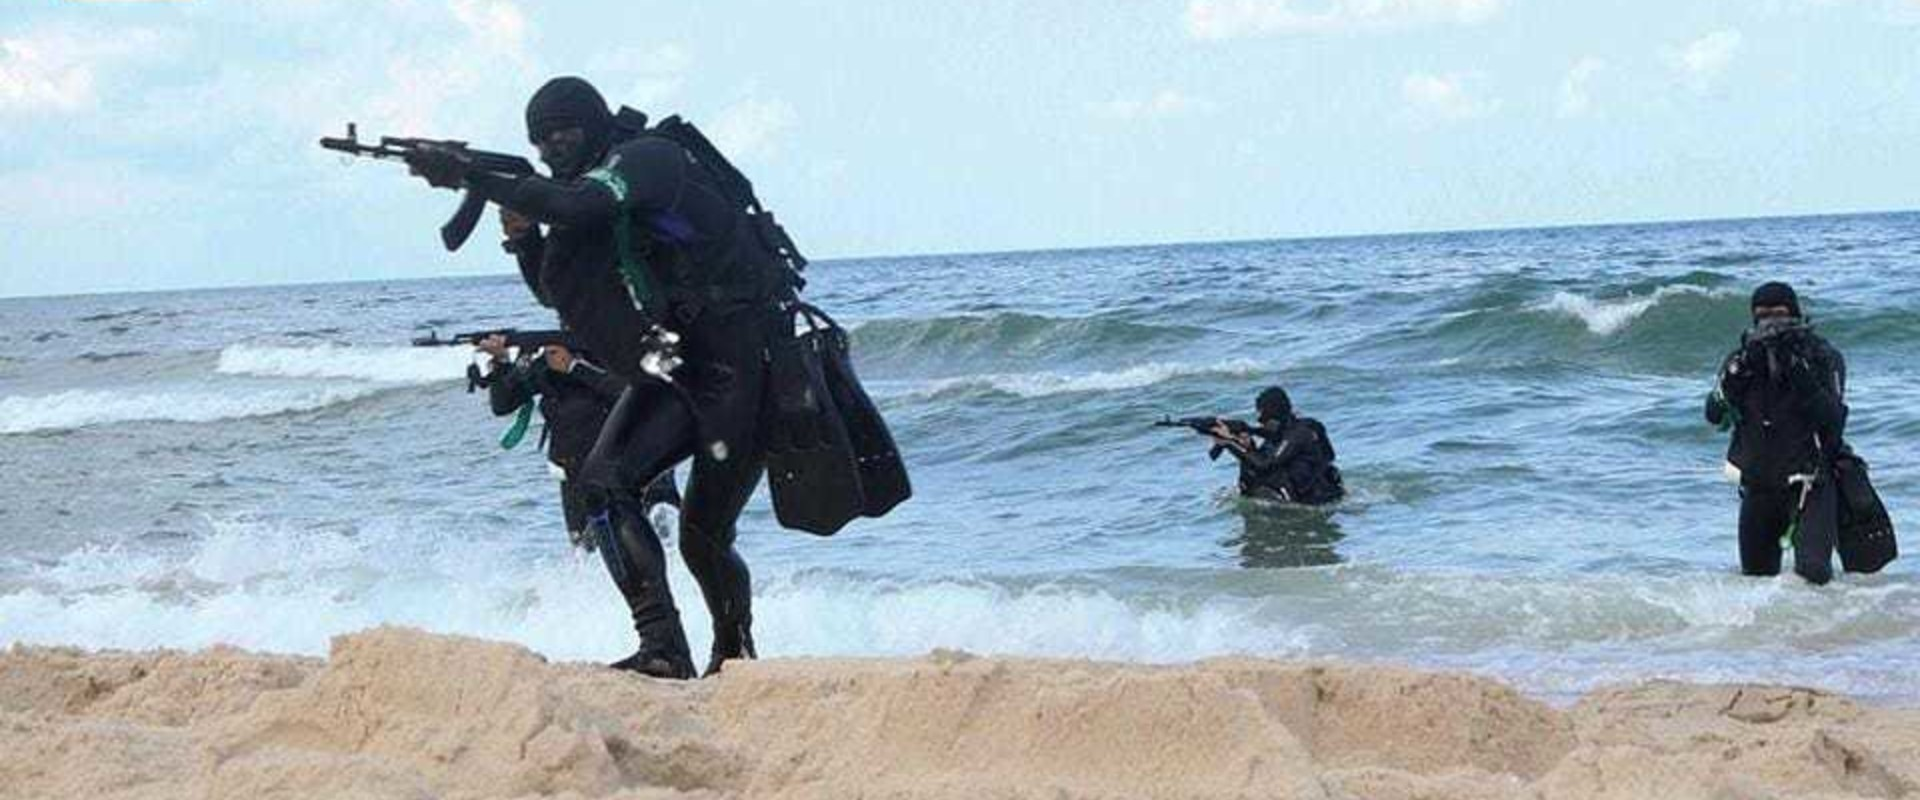 יחידת הקומנדו הימי של חמאס